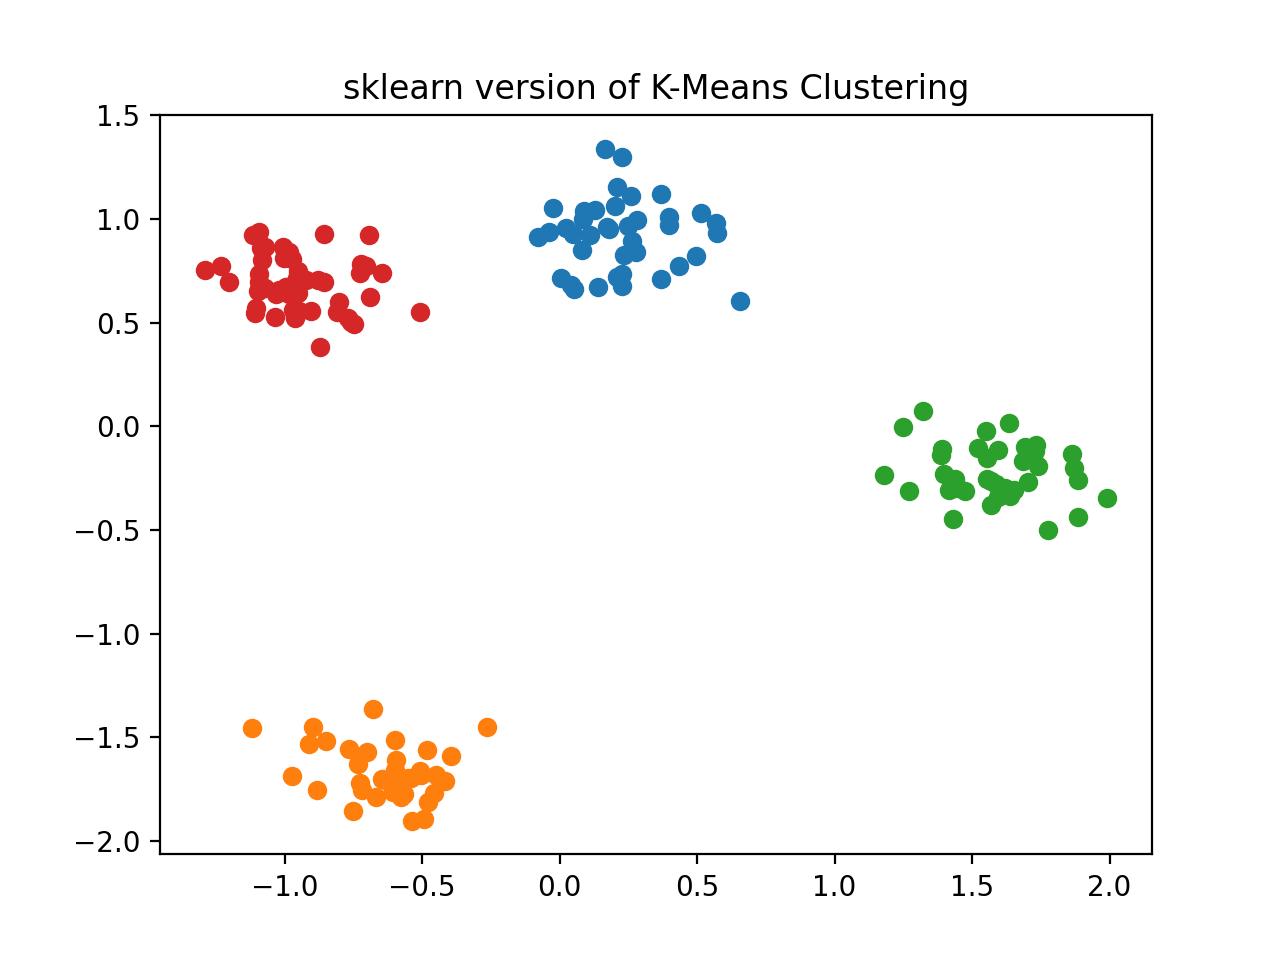 sklearn version implementation